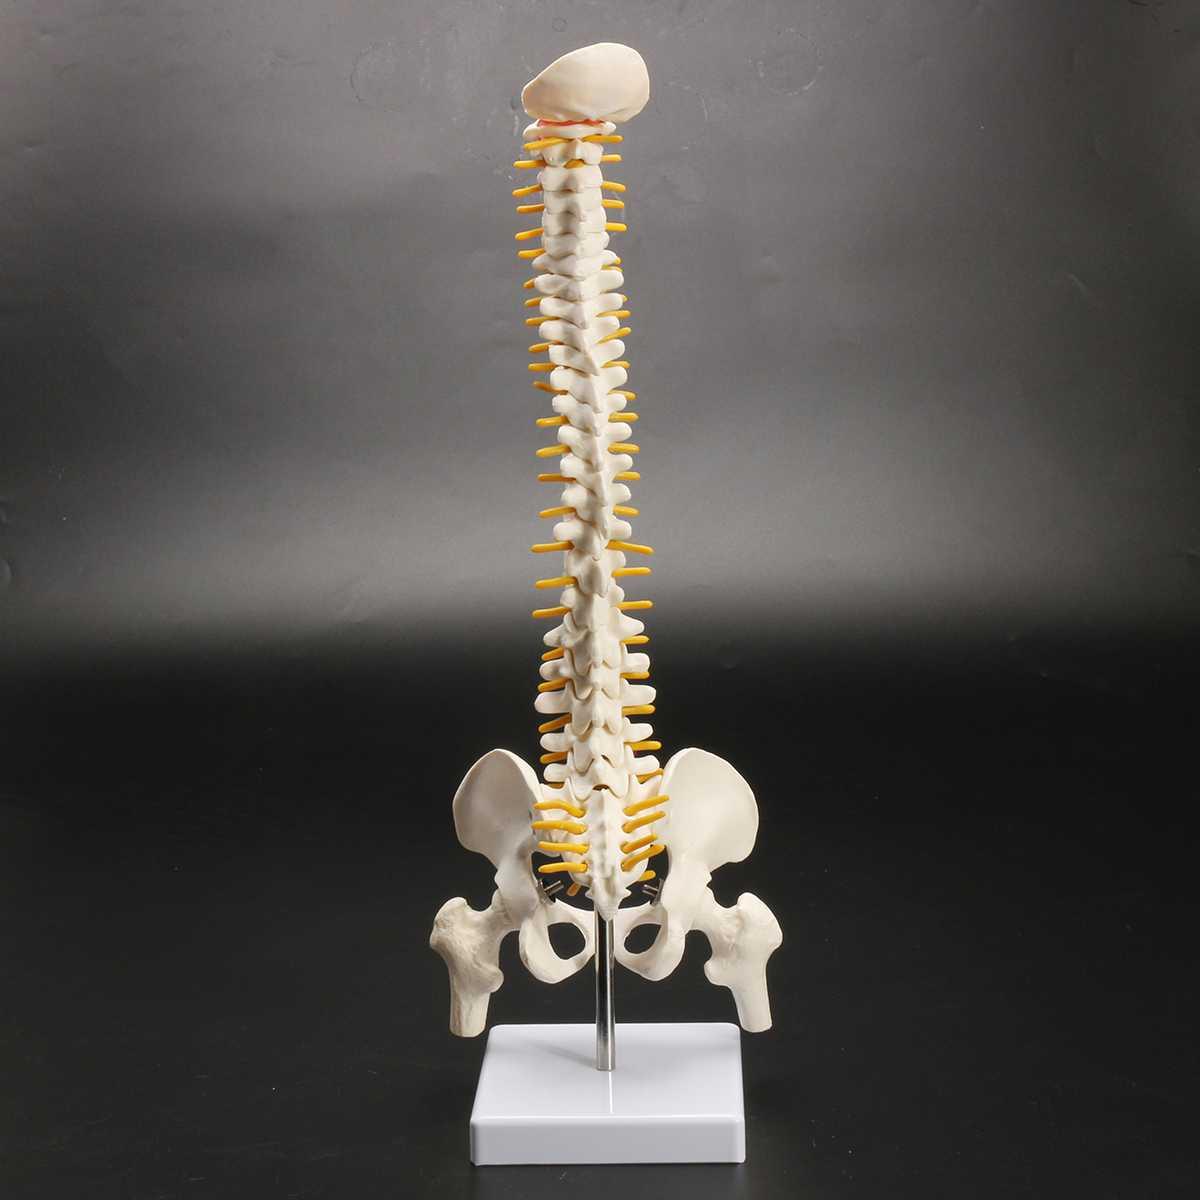 45 CM Menschlichen Wirbelsäule mit Becken Modell Menschlichen Anatomischen Anatomie Wirbelsäule Medizinische Modell wirbelsäule modell + Stand Fexible